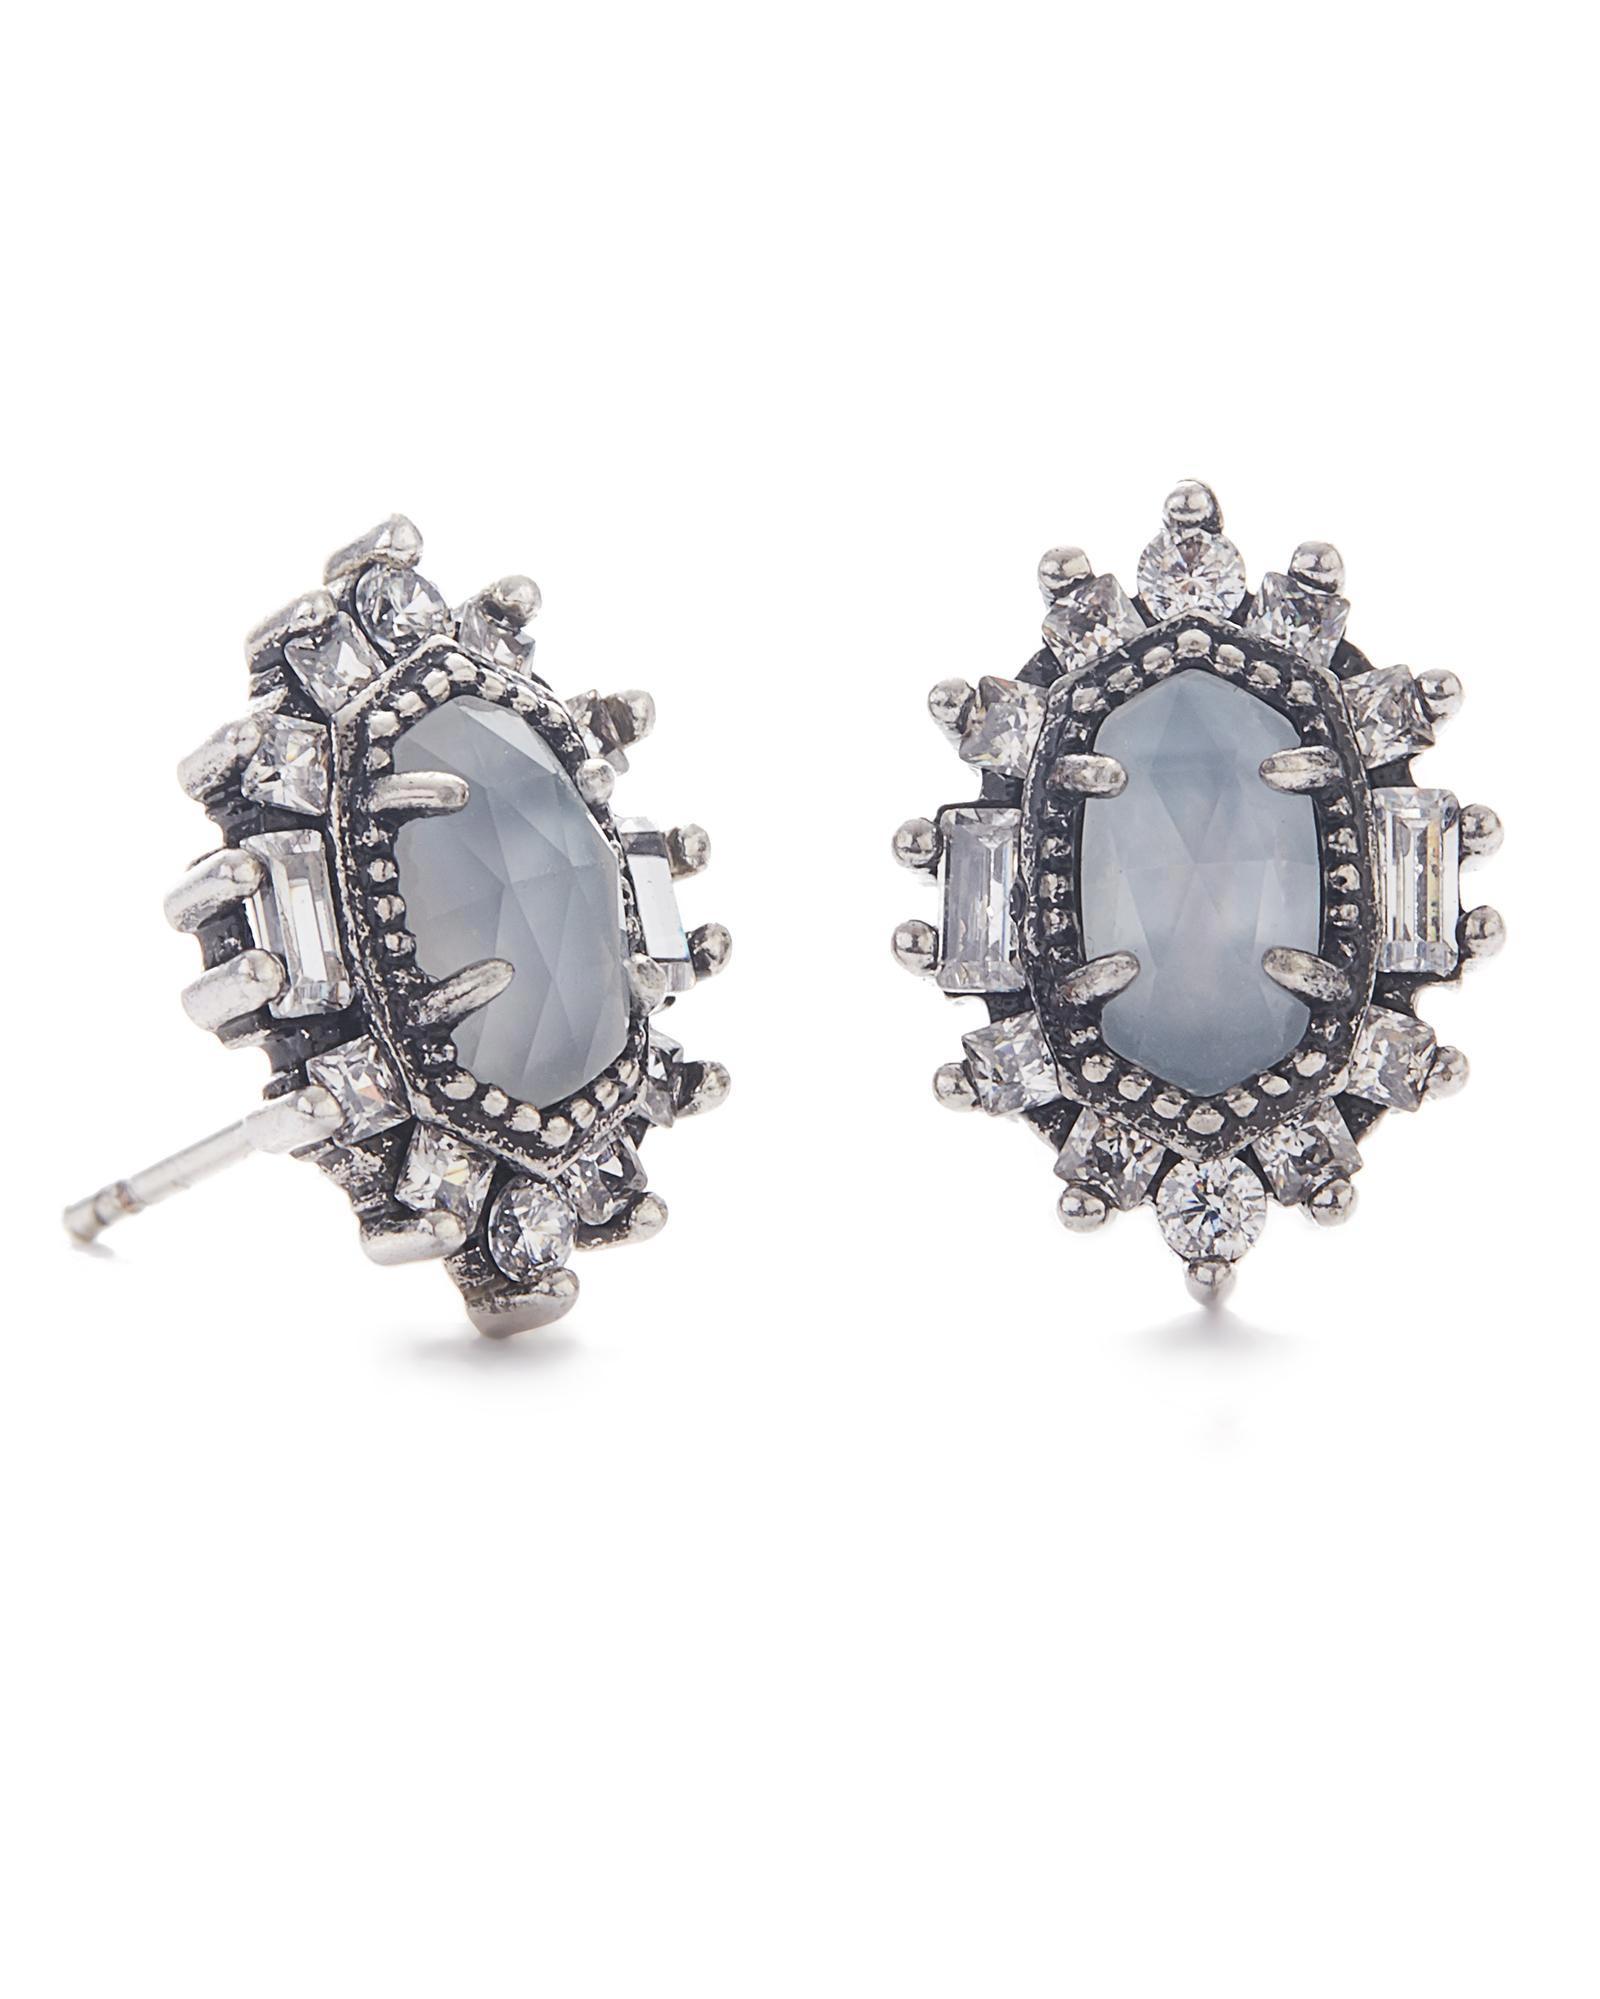 Kaia Vintage Stud Earrings in Silver